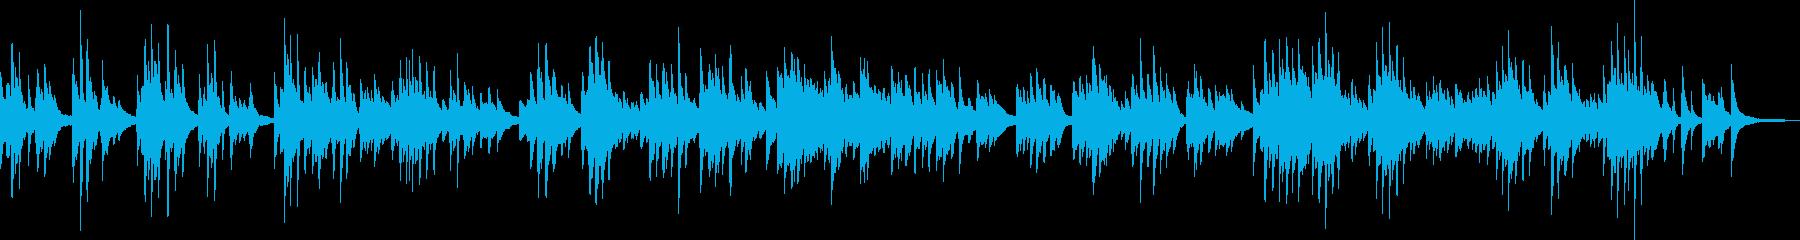 悲しいピアノバラード(孤独・憂い)の再生済みの波形